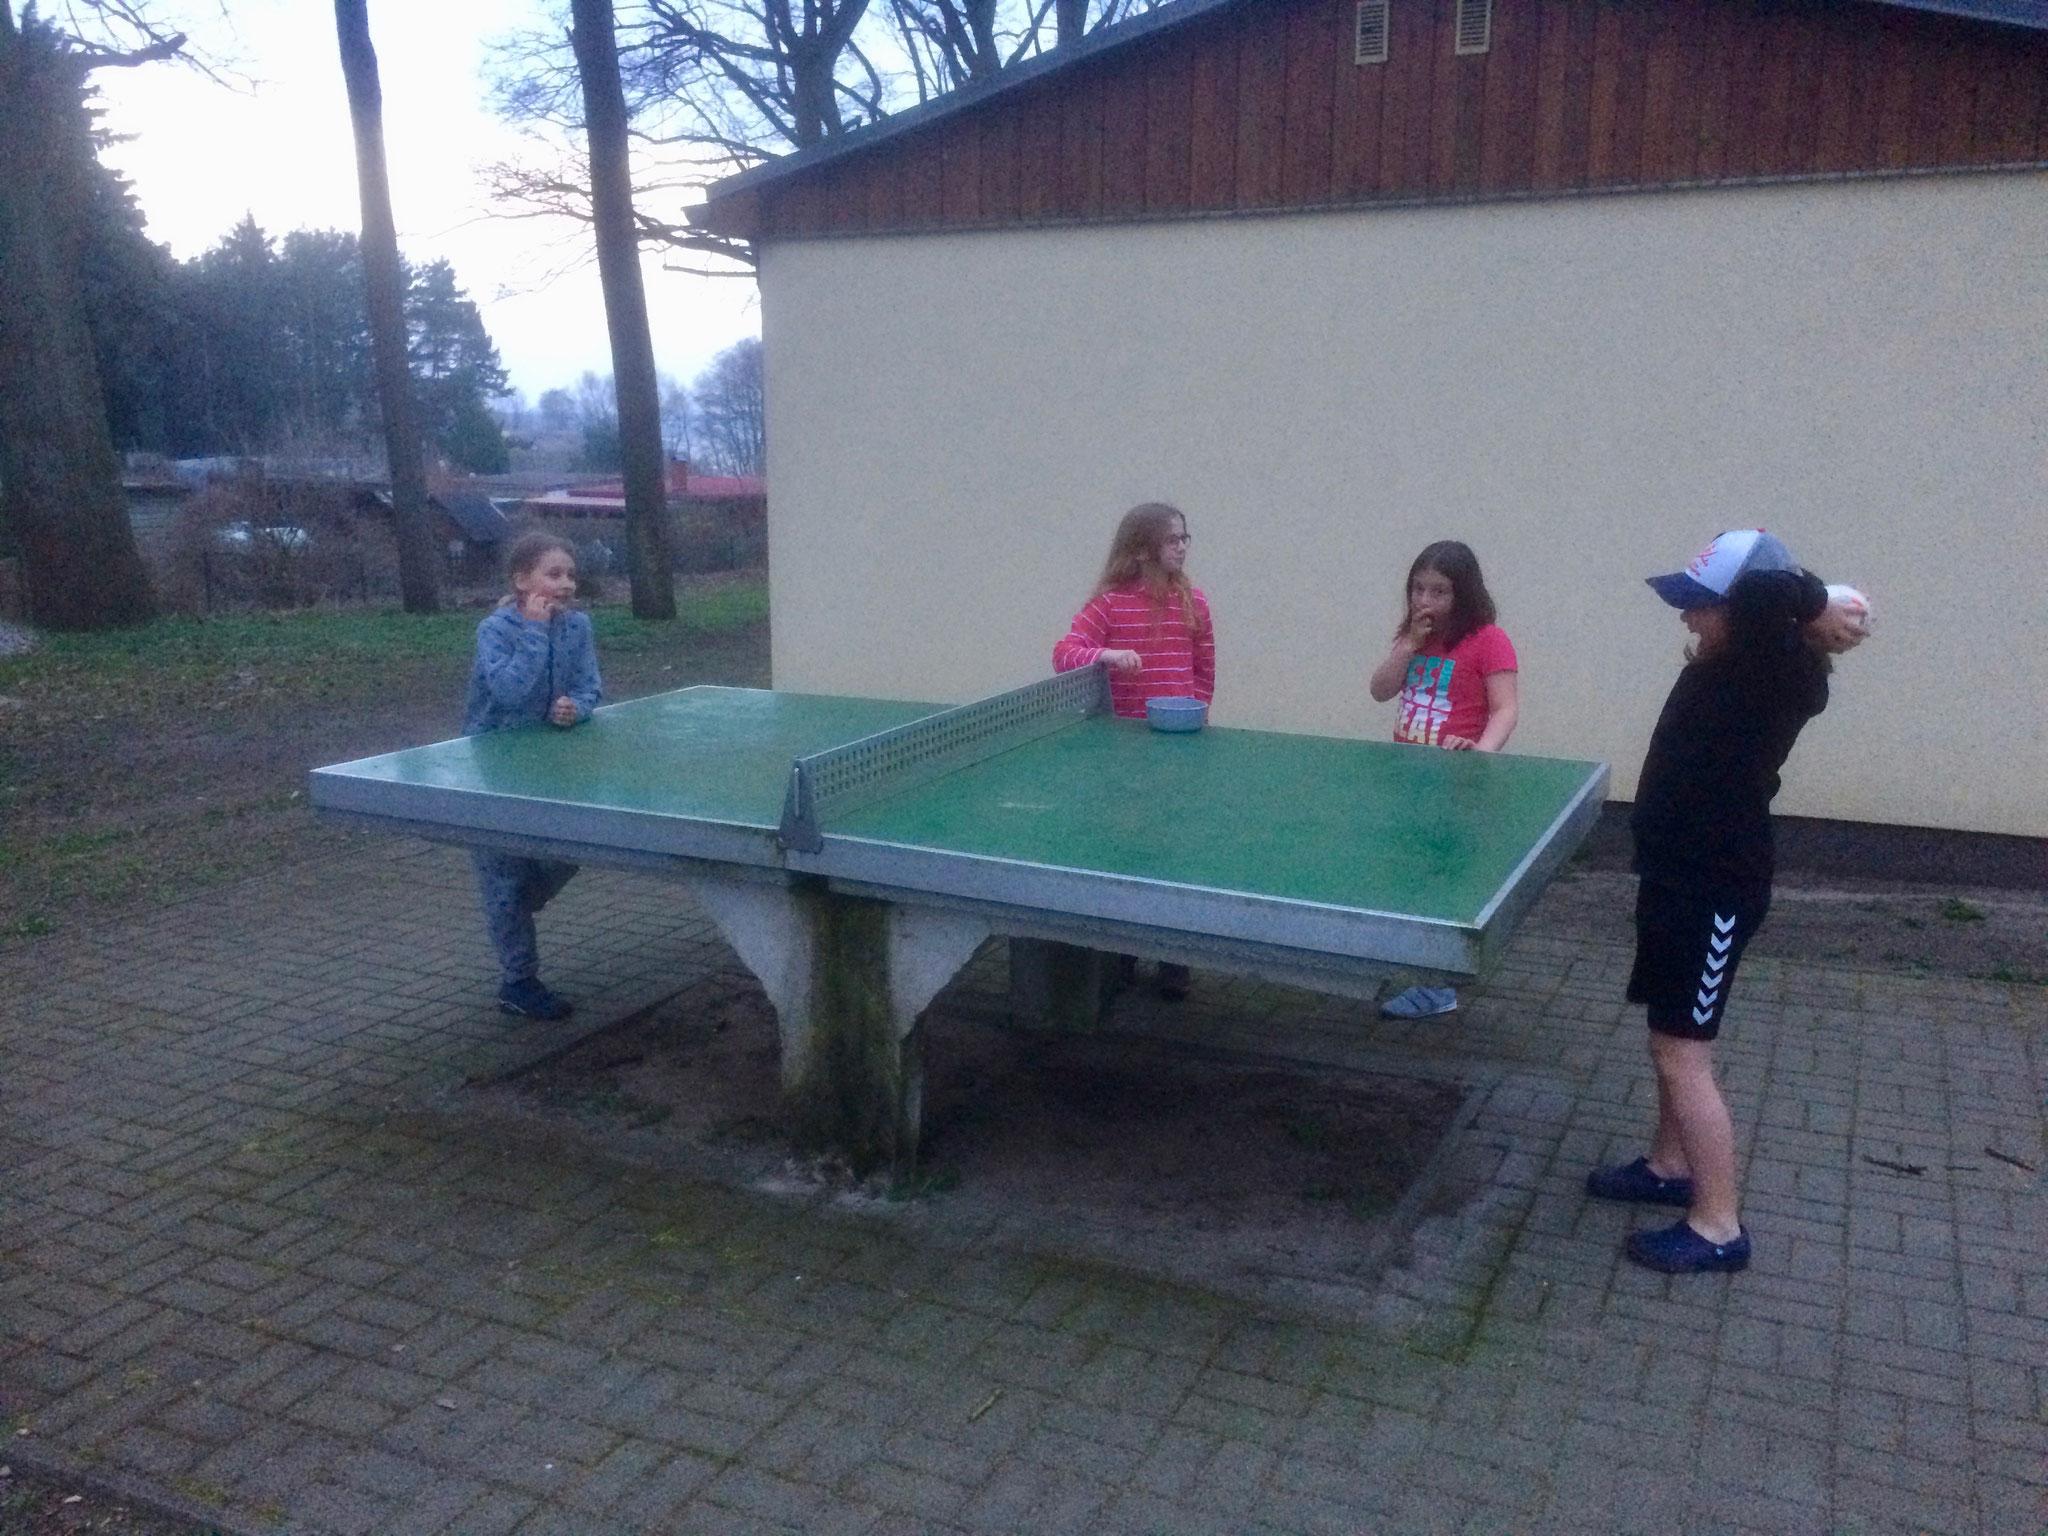 spielten die Mädchen Tischtennis...